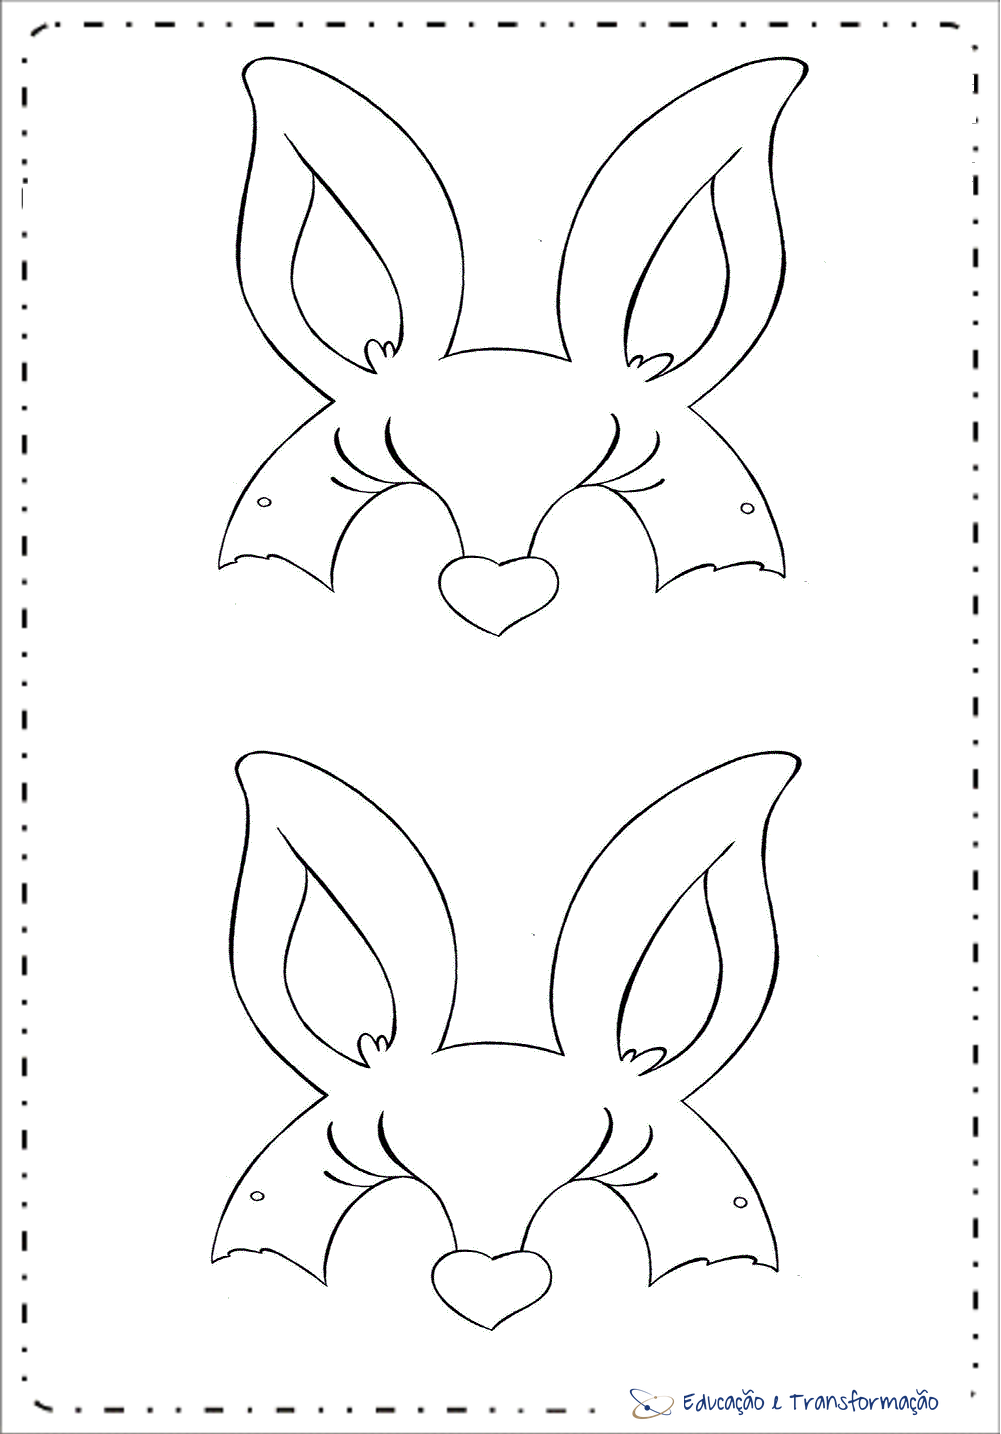 Máscaras de Coelhinho - Orelhas de Coelho para imprimir e colorir